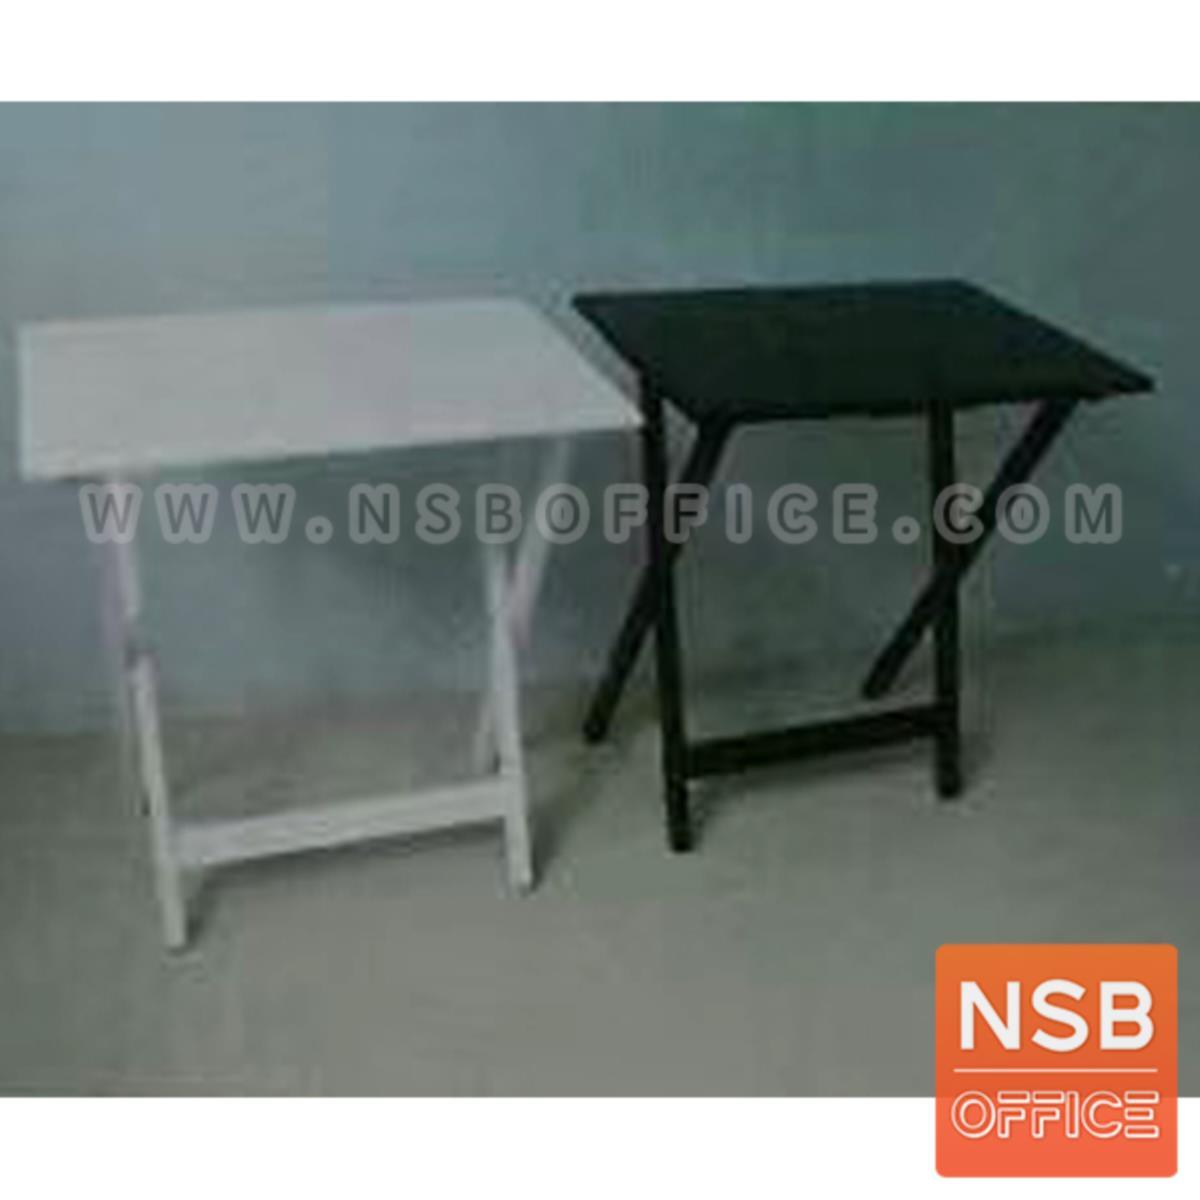 G20A023:โต๊ะพับไม้ รุ่น Dago (ดาโก้) ขนาด 60W*67H cm.